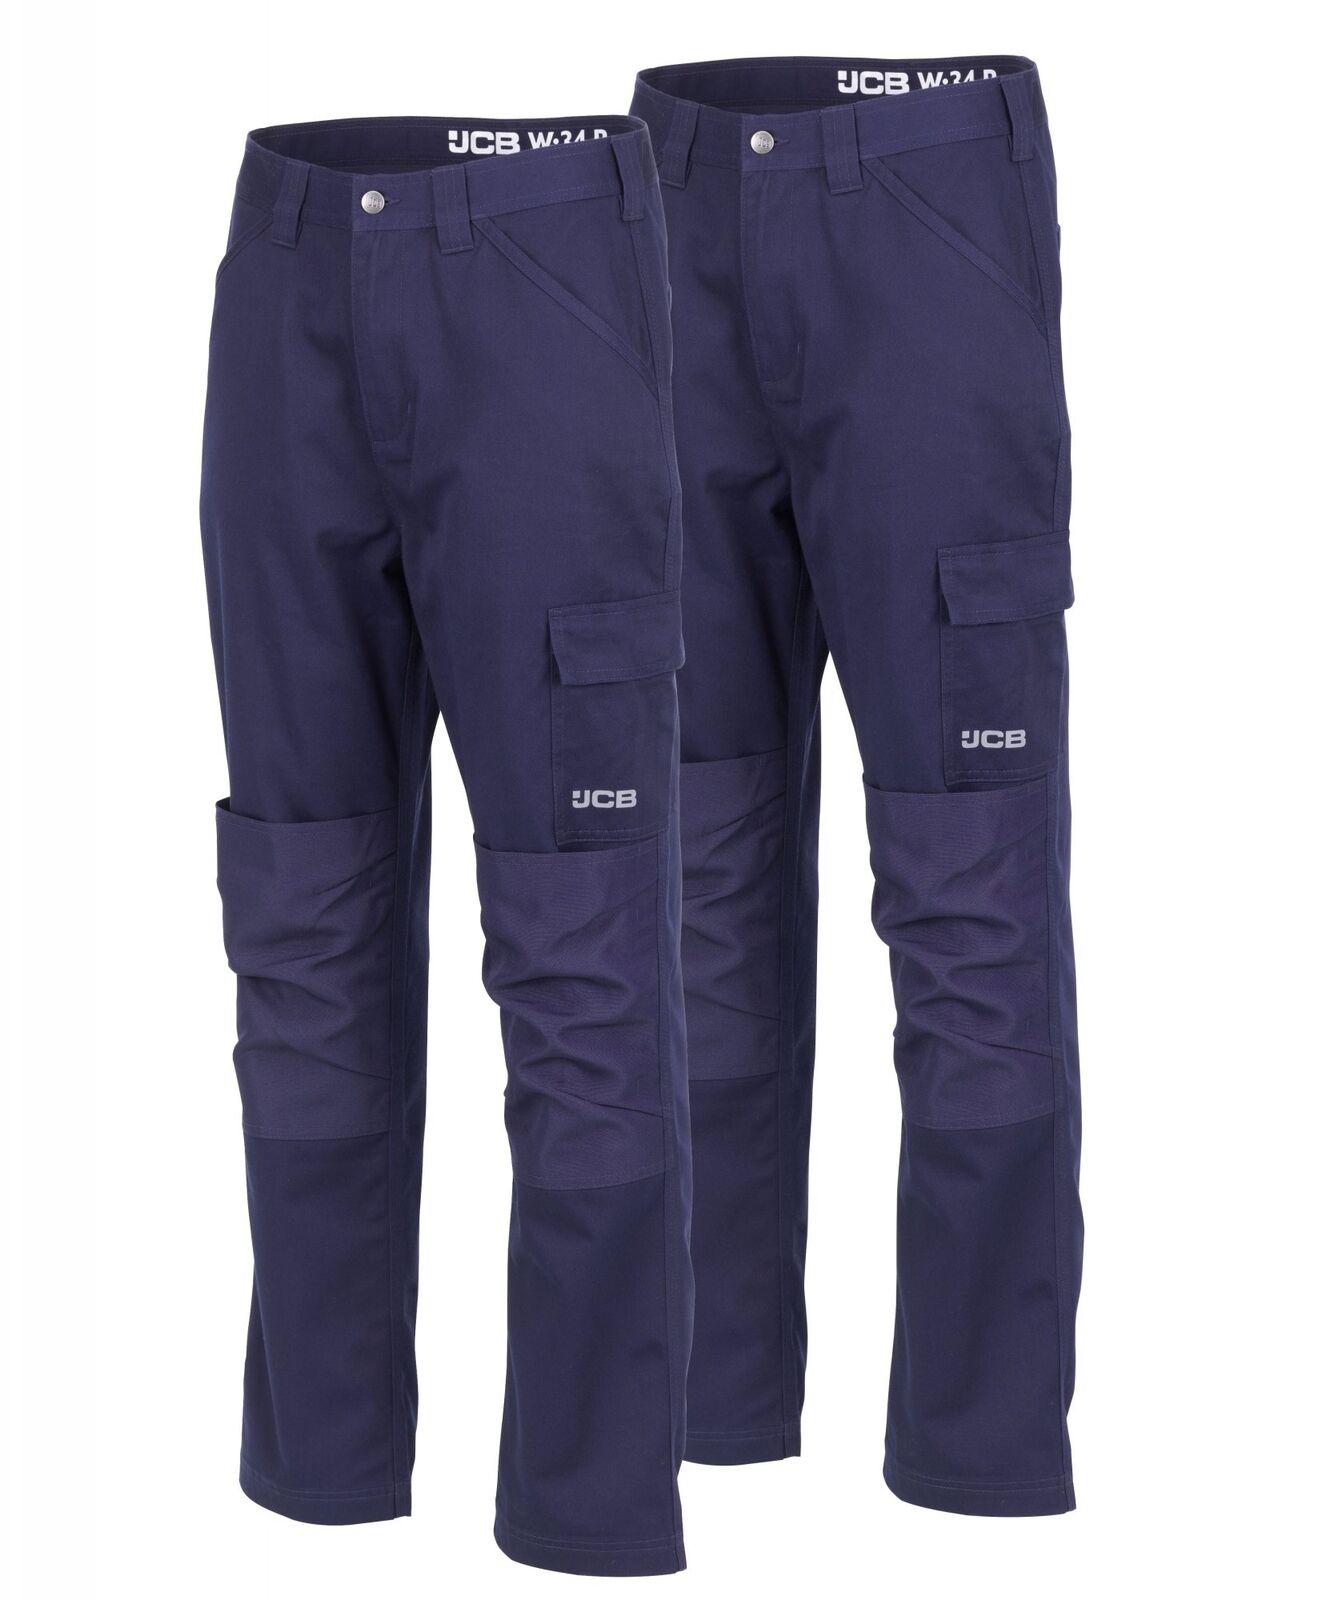 JCB Twin Pack ESSENZIALE Pantaloni Da Lavoro Cargo Blu Navy (varie dimensioni) degli uomini del Commercio